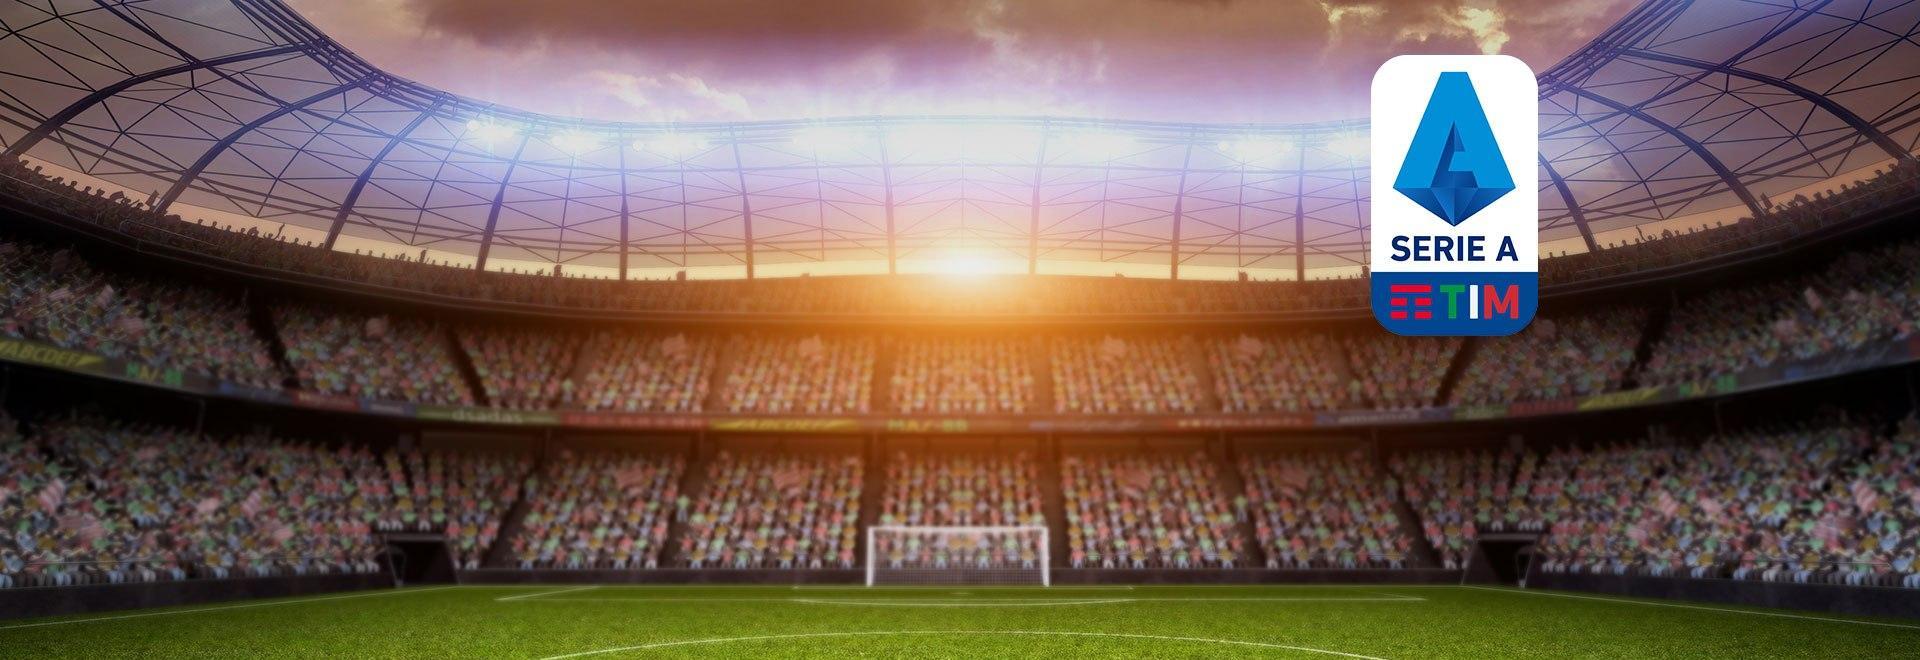 Sampdoria - Benevento. 2a g.